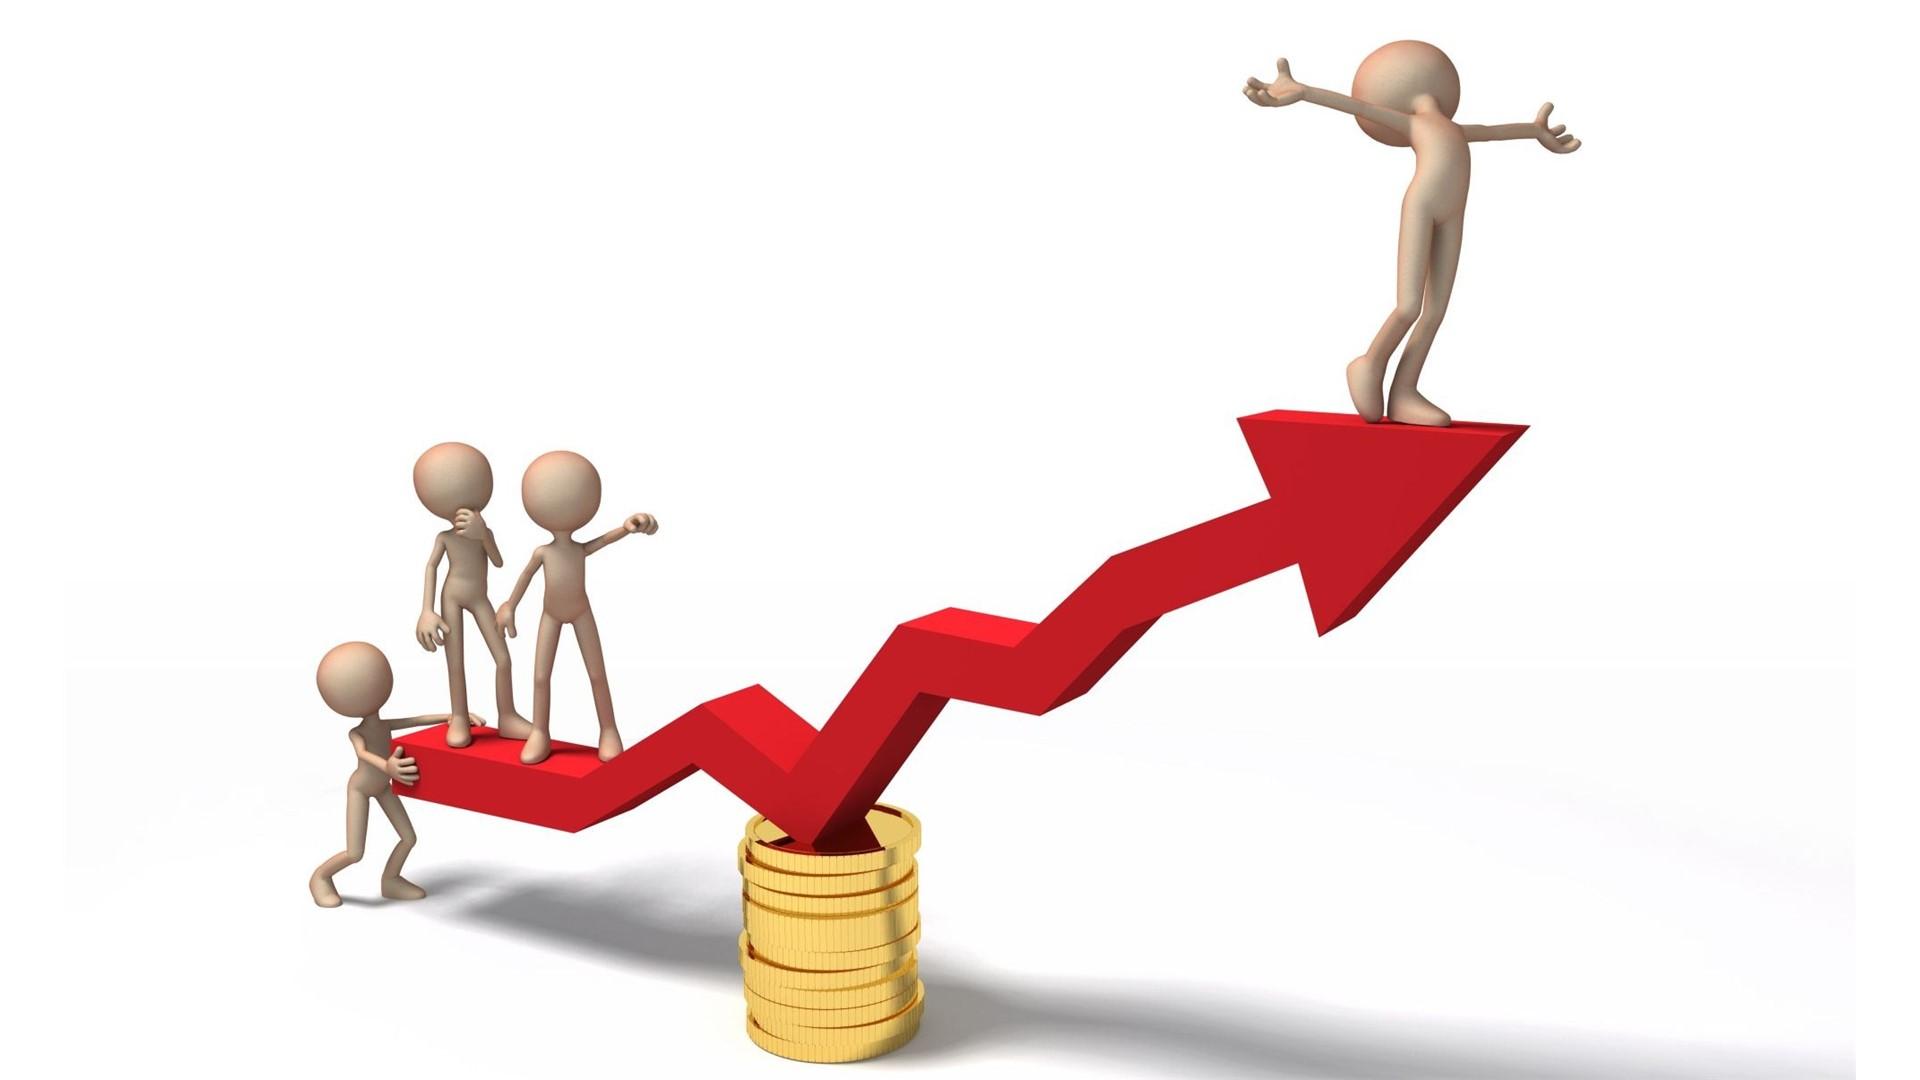 картинка экономическая выгода